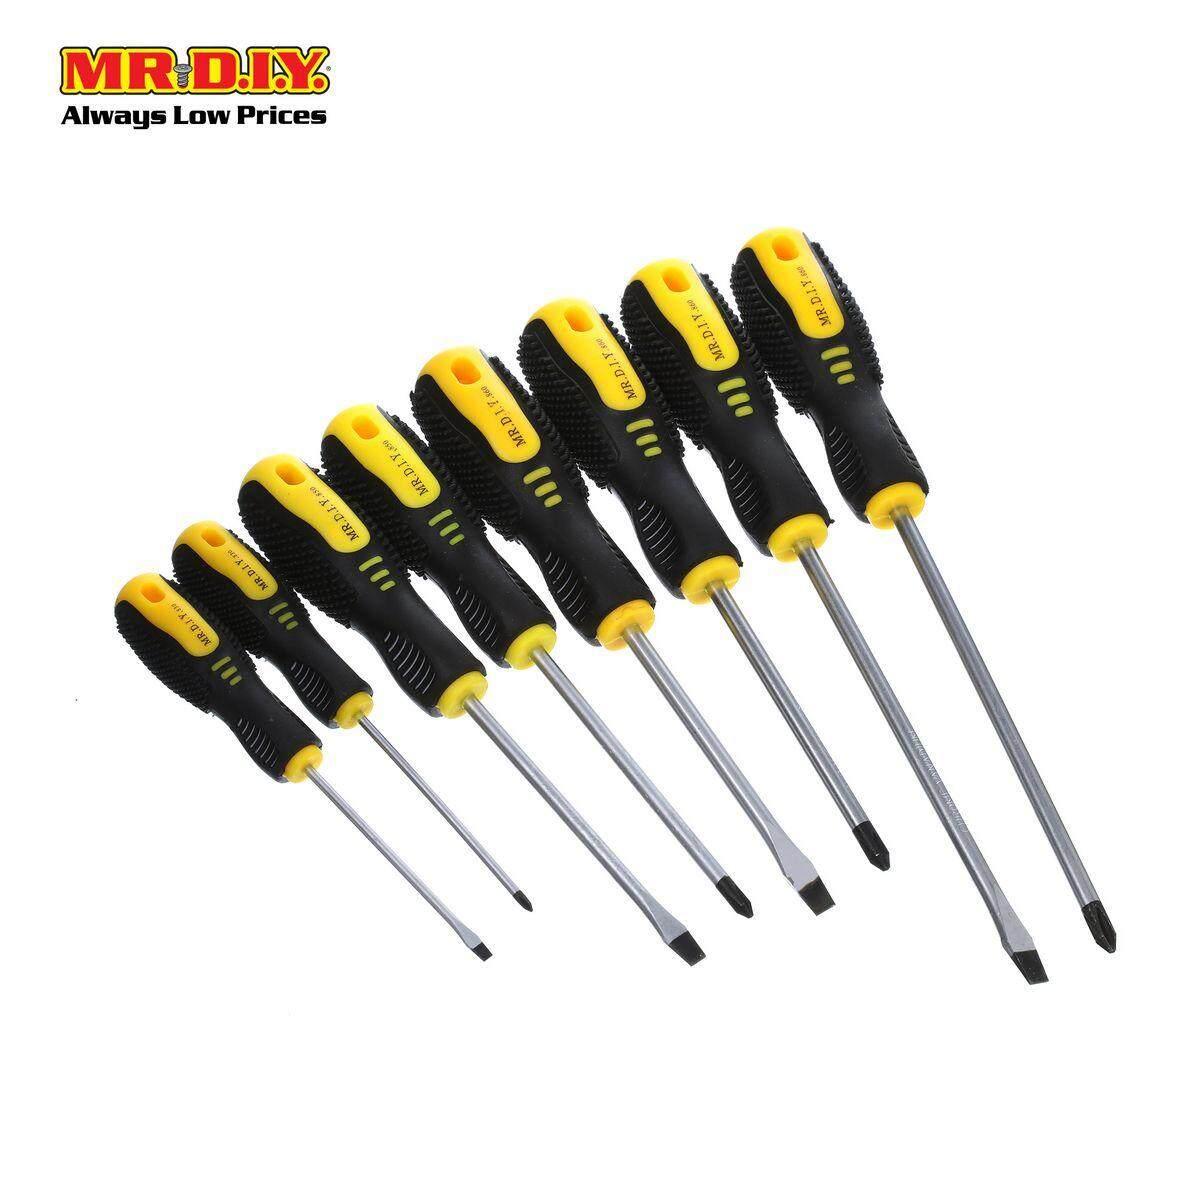 MR DIY Screwdriver Set ( 8 pcs)